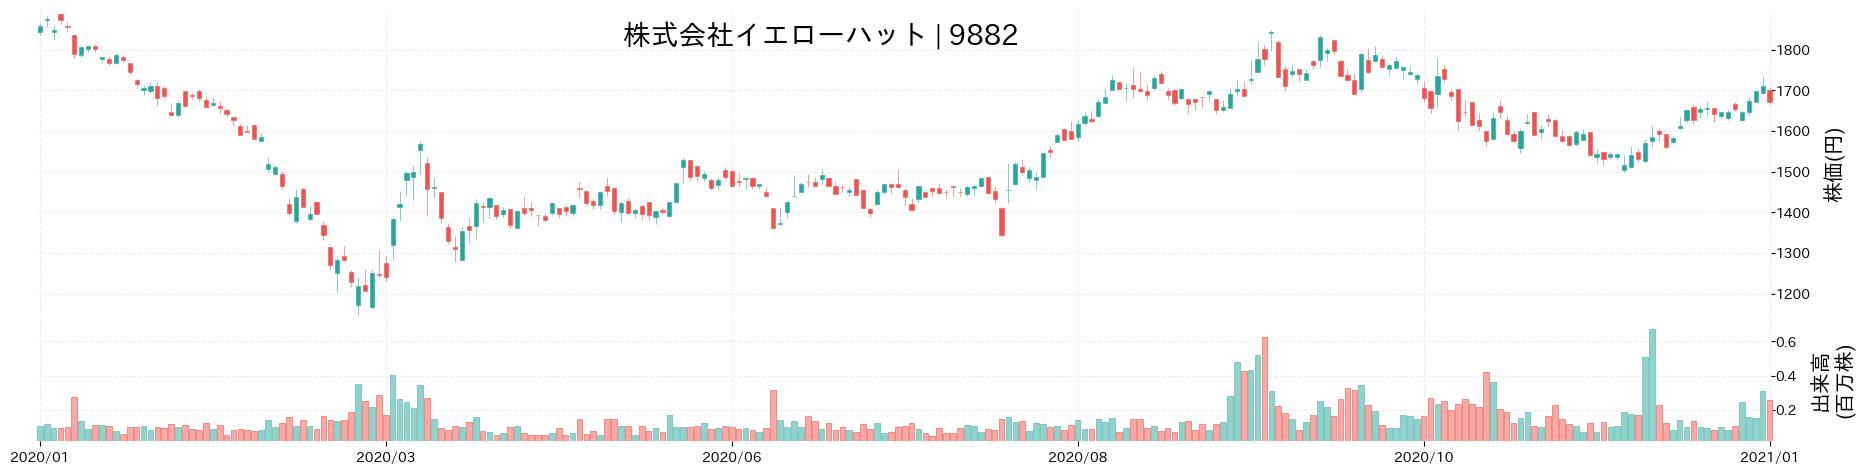 株式会社イエローハットの株価推移(2020)